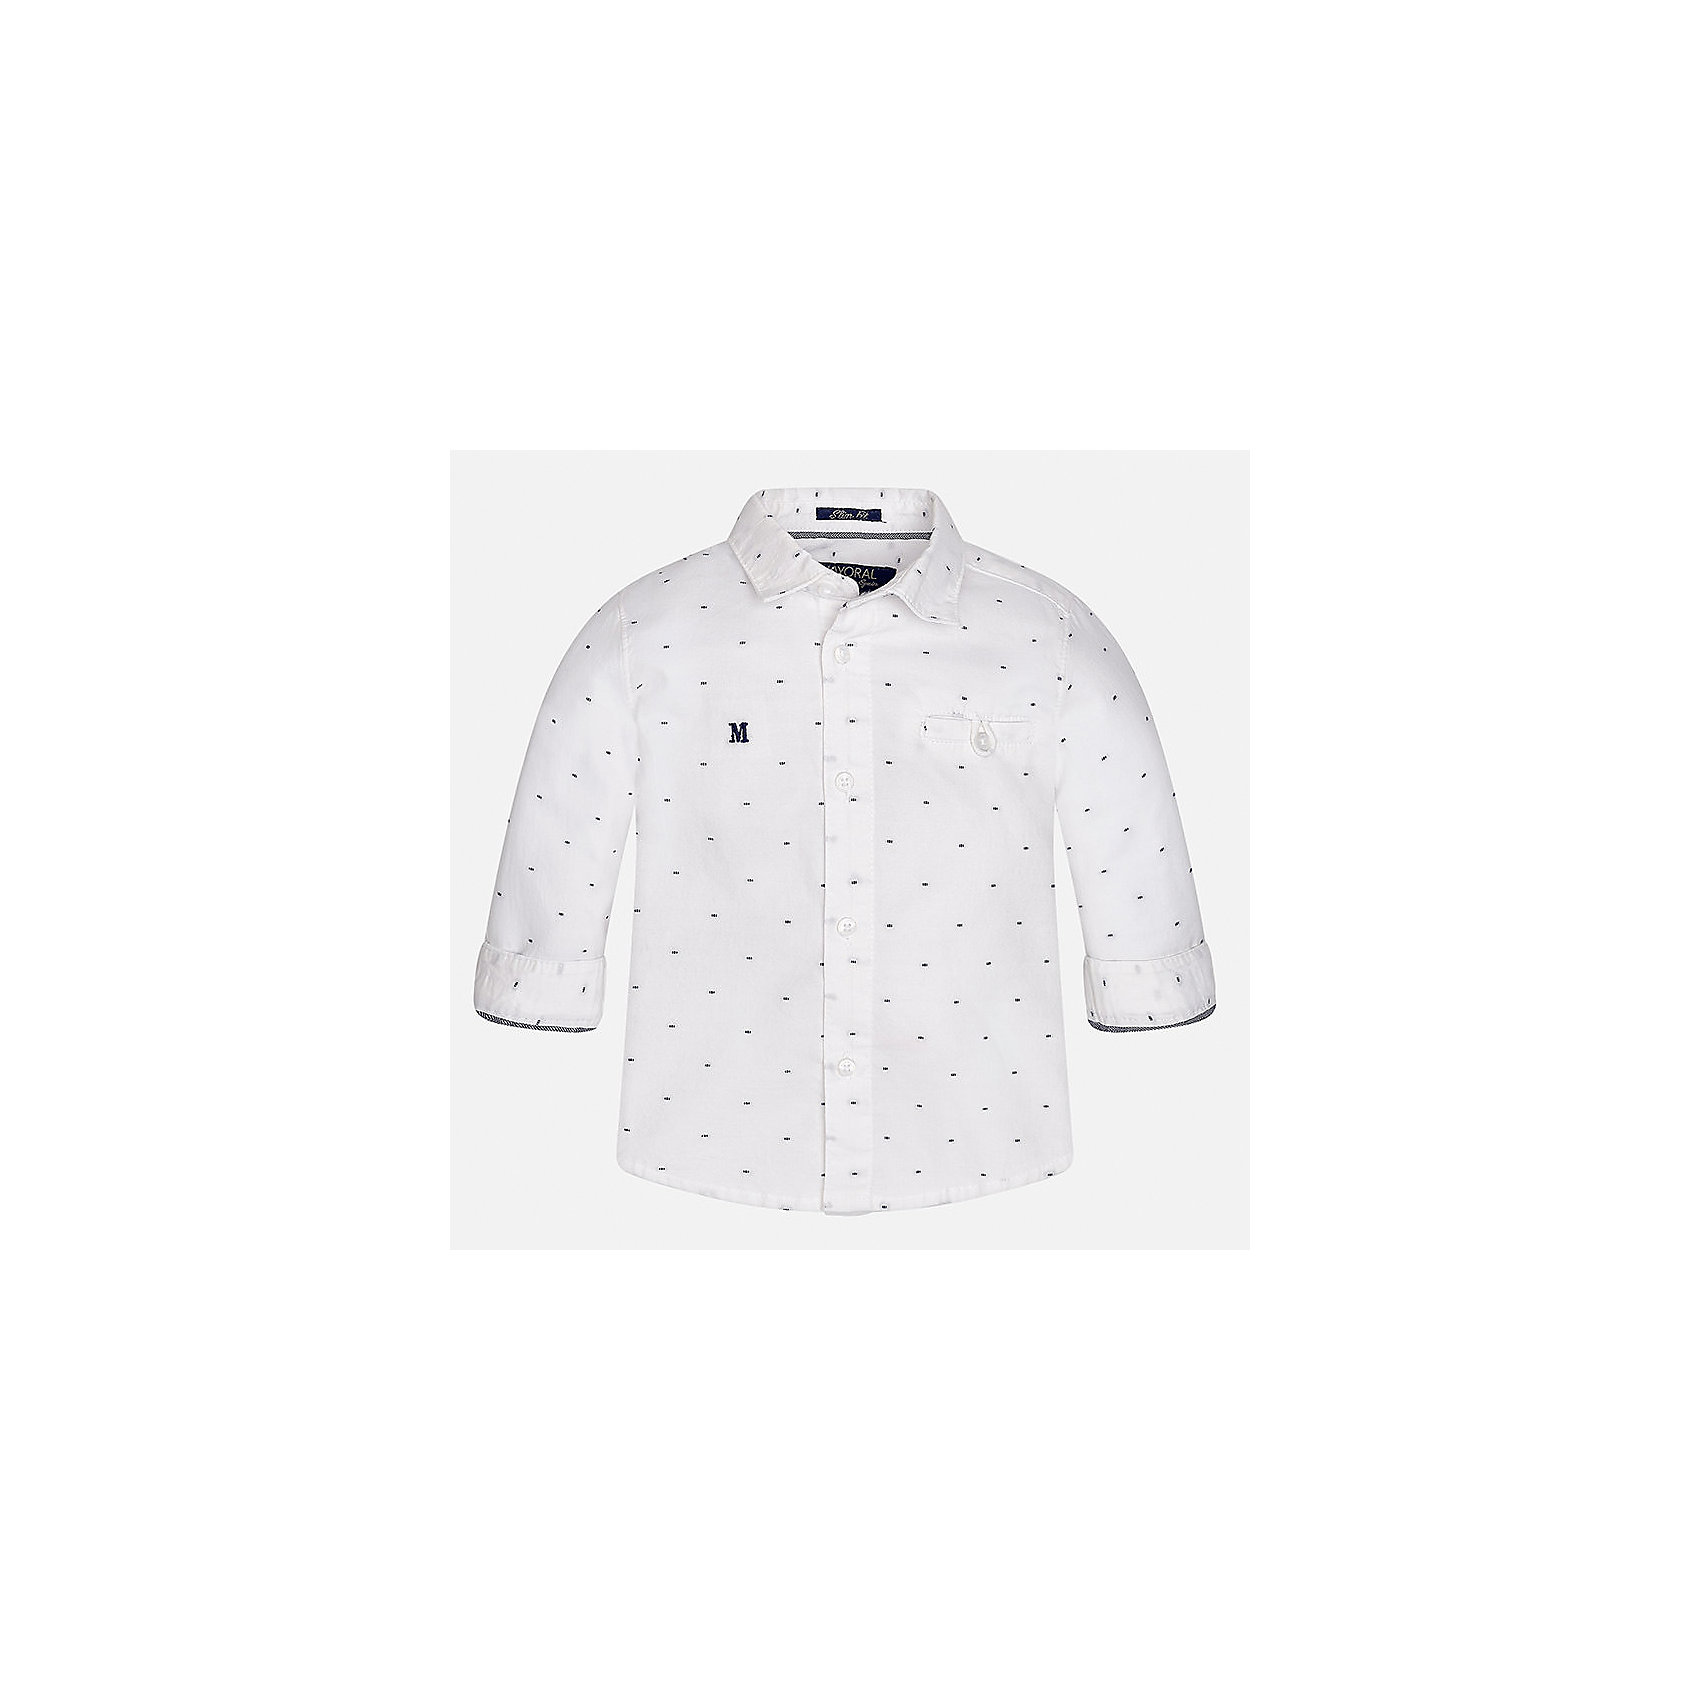 Рубашка для мальчика MayoralБлузки и рубашки<br>Характеристики товара:<br><br>• цвет: белый<br>• состав ткани: 100% хлопок<br>• сезон: демисезон<br>• особенности модели: школьная<br>• застежка: пуговицы<br>• длинные рукава<br>• страна бренда: Испания<br>• страна изготовитель: Индия<br><br>Белая детская рубашка сделана из дышащего приятного на ощупь материала. Благодаря продуманному крою детской рубашки создаются комфортные условия для тела. Рубашка с длинным рукавом для мальчика отличается стильным продуманным дизайном.<br><br>Рубашку для мальчика Mayoral (Майорал) можно купить в нашем интернет-магазине.<br><br>Ширина мм: 174<br>Глубина мм: 10<br>Высота мм: 169<br>Вес г: 157<br>Цвет: белый<br>Возраст от месяцев: 24<br>Возраст до месяцев: 36<br>Пол: Мужской<br>Возраст: Детский<br>Размер: 98,80,86,92<br>SKU: 6935039